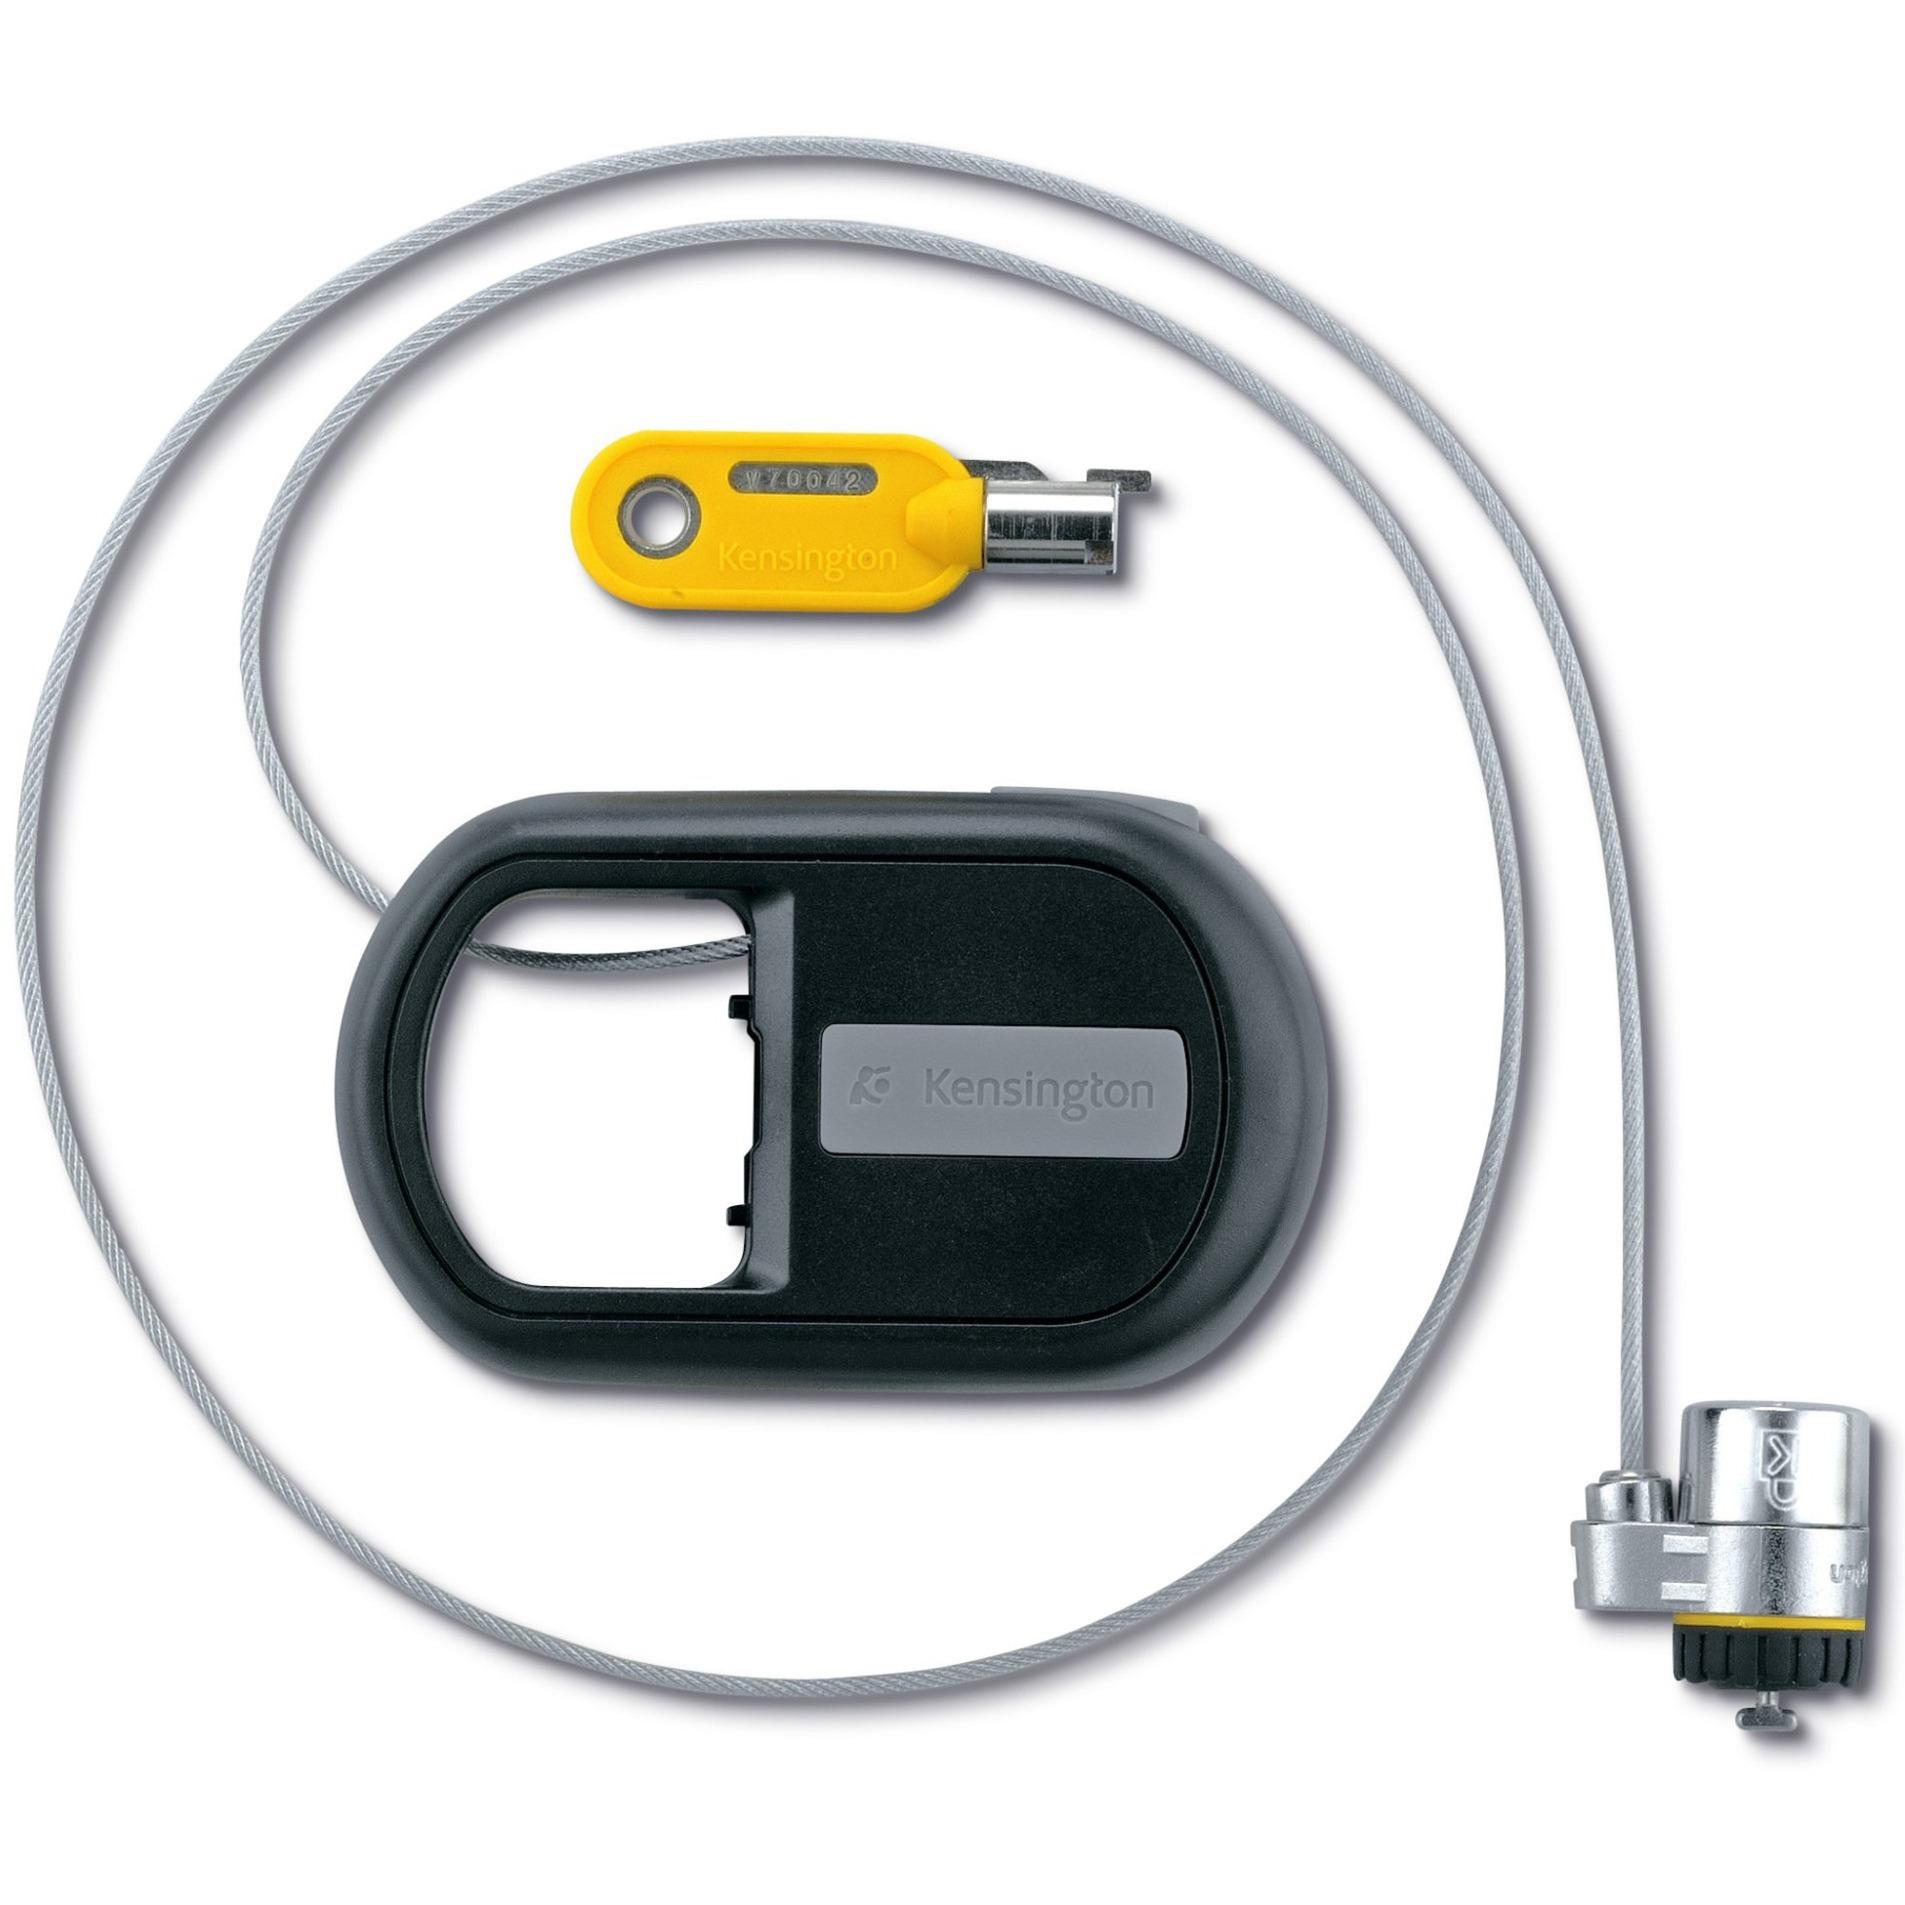 Cable de seguridad retráctil MicroSaver, Protección contra robos